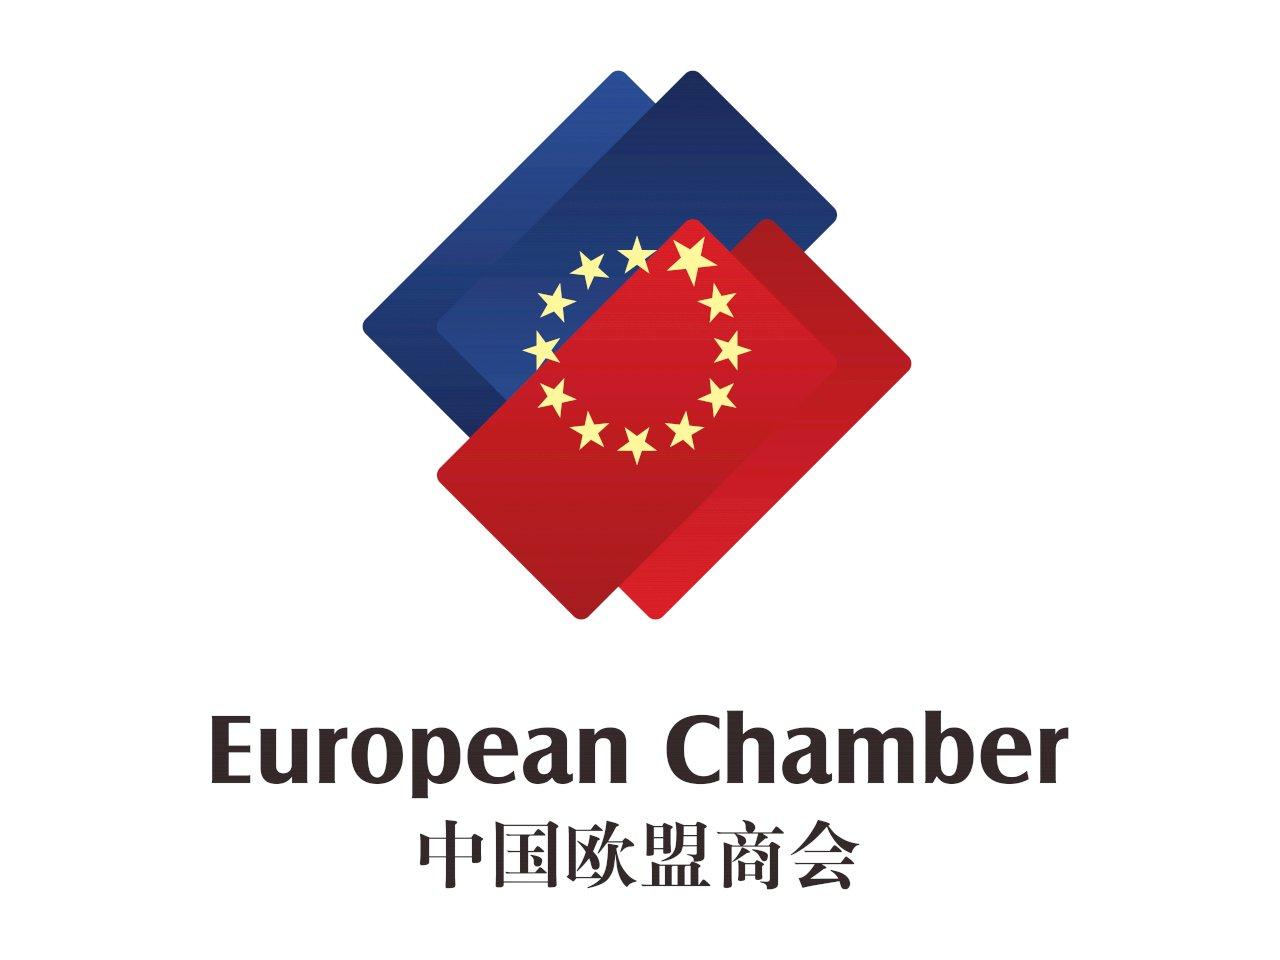 中國宣稱開放 歐企:在中經商更形困難